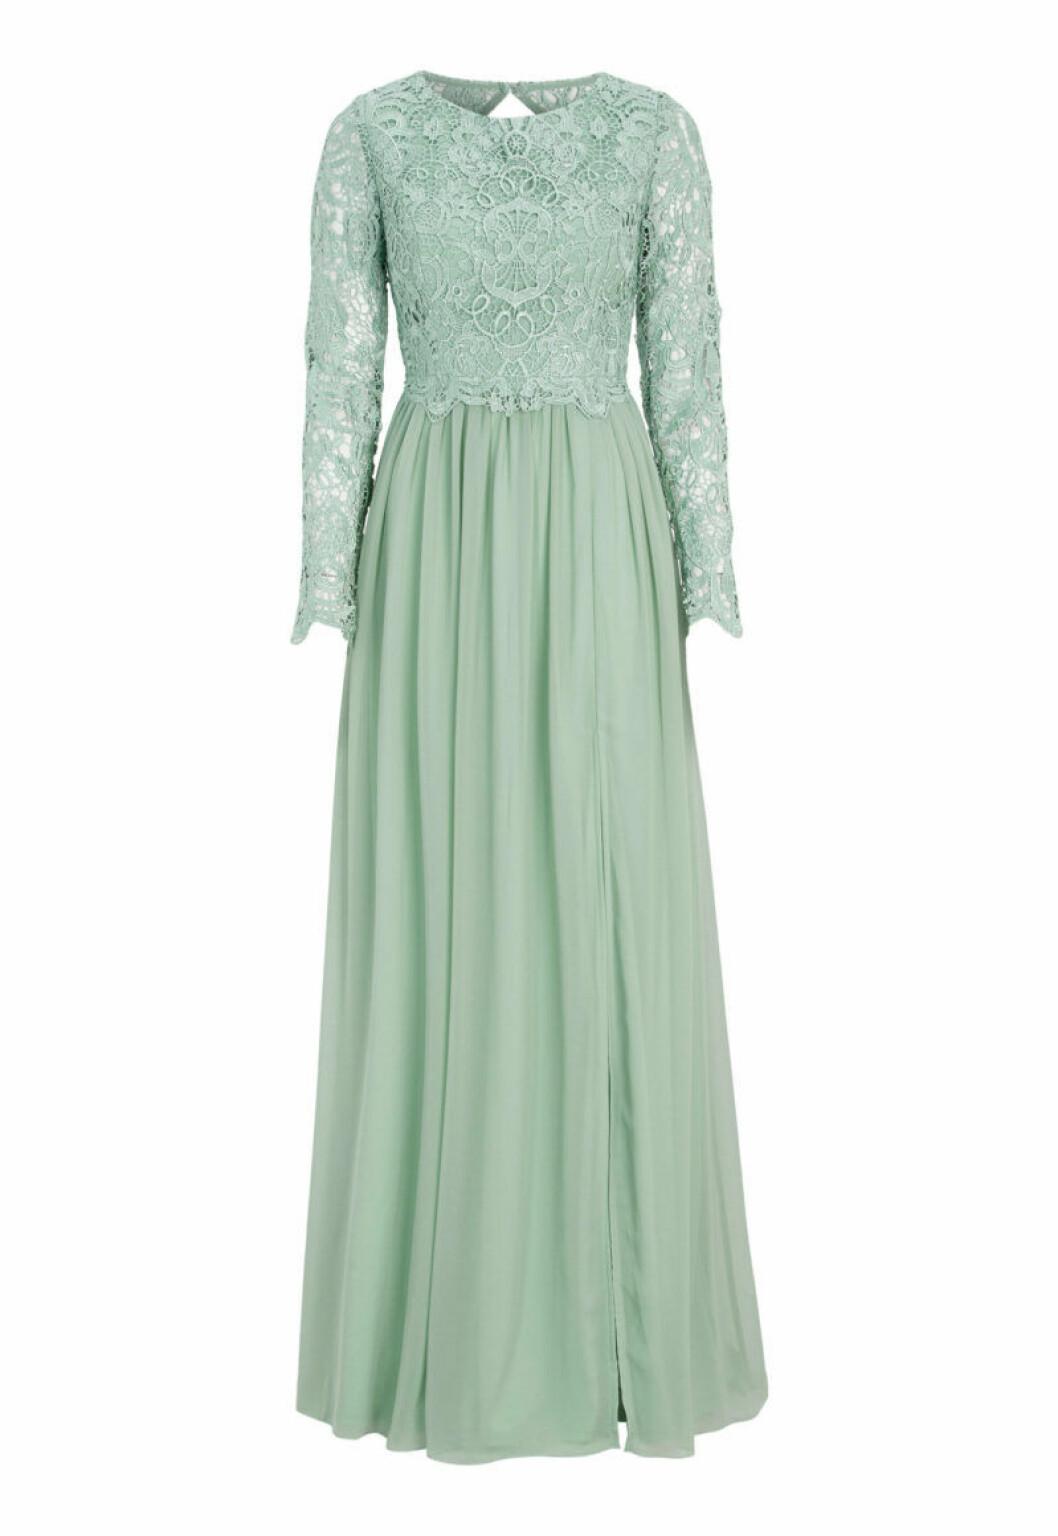 Ljusgrön klänning från Bubbelroom